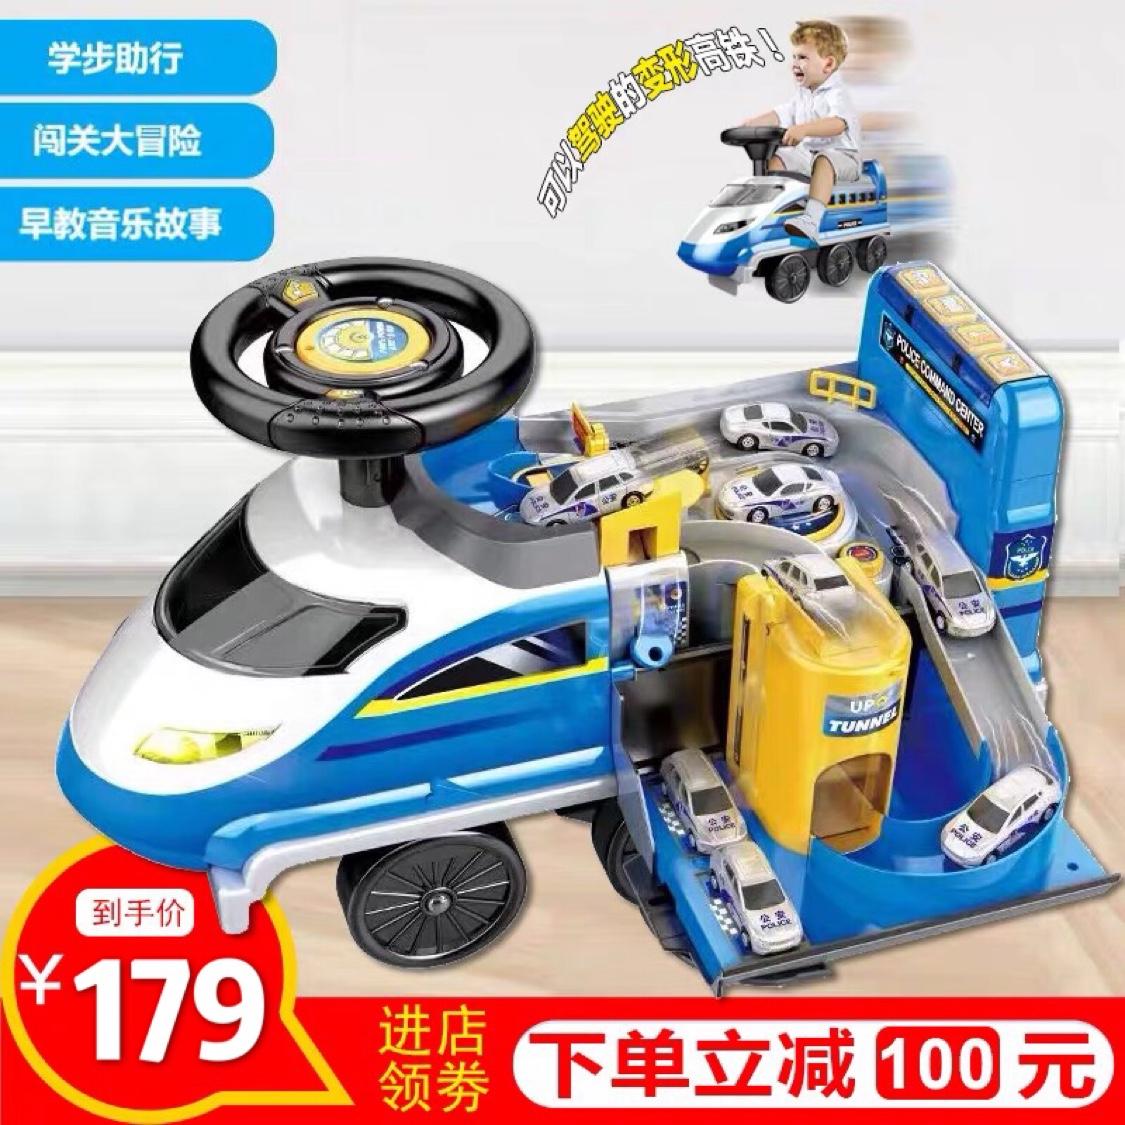 和谐号汽车闯关大冒险儿童大号收纳玩具可坐人小火车学步童车男孩